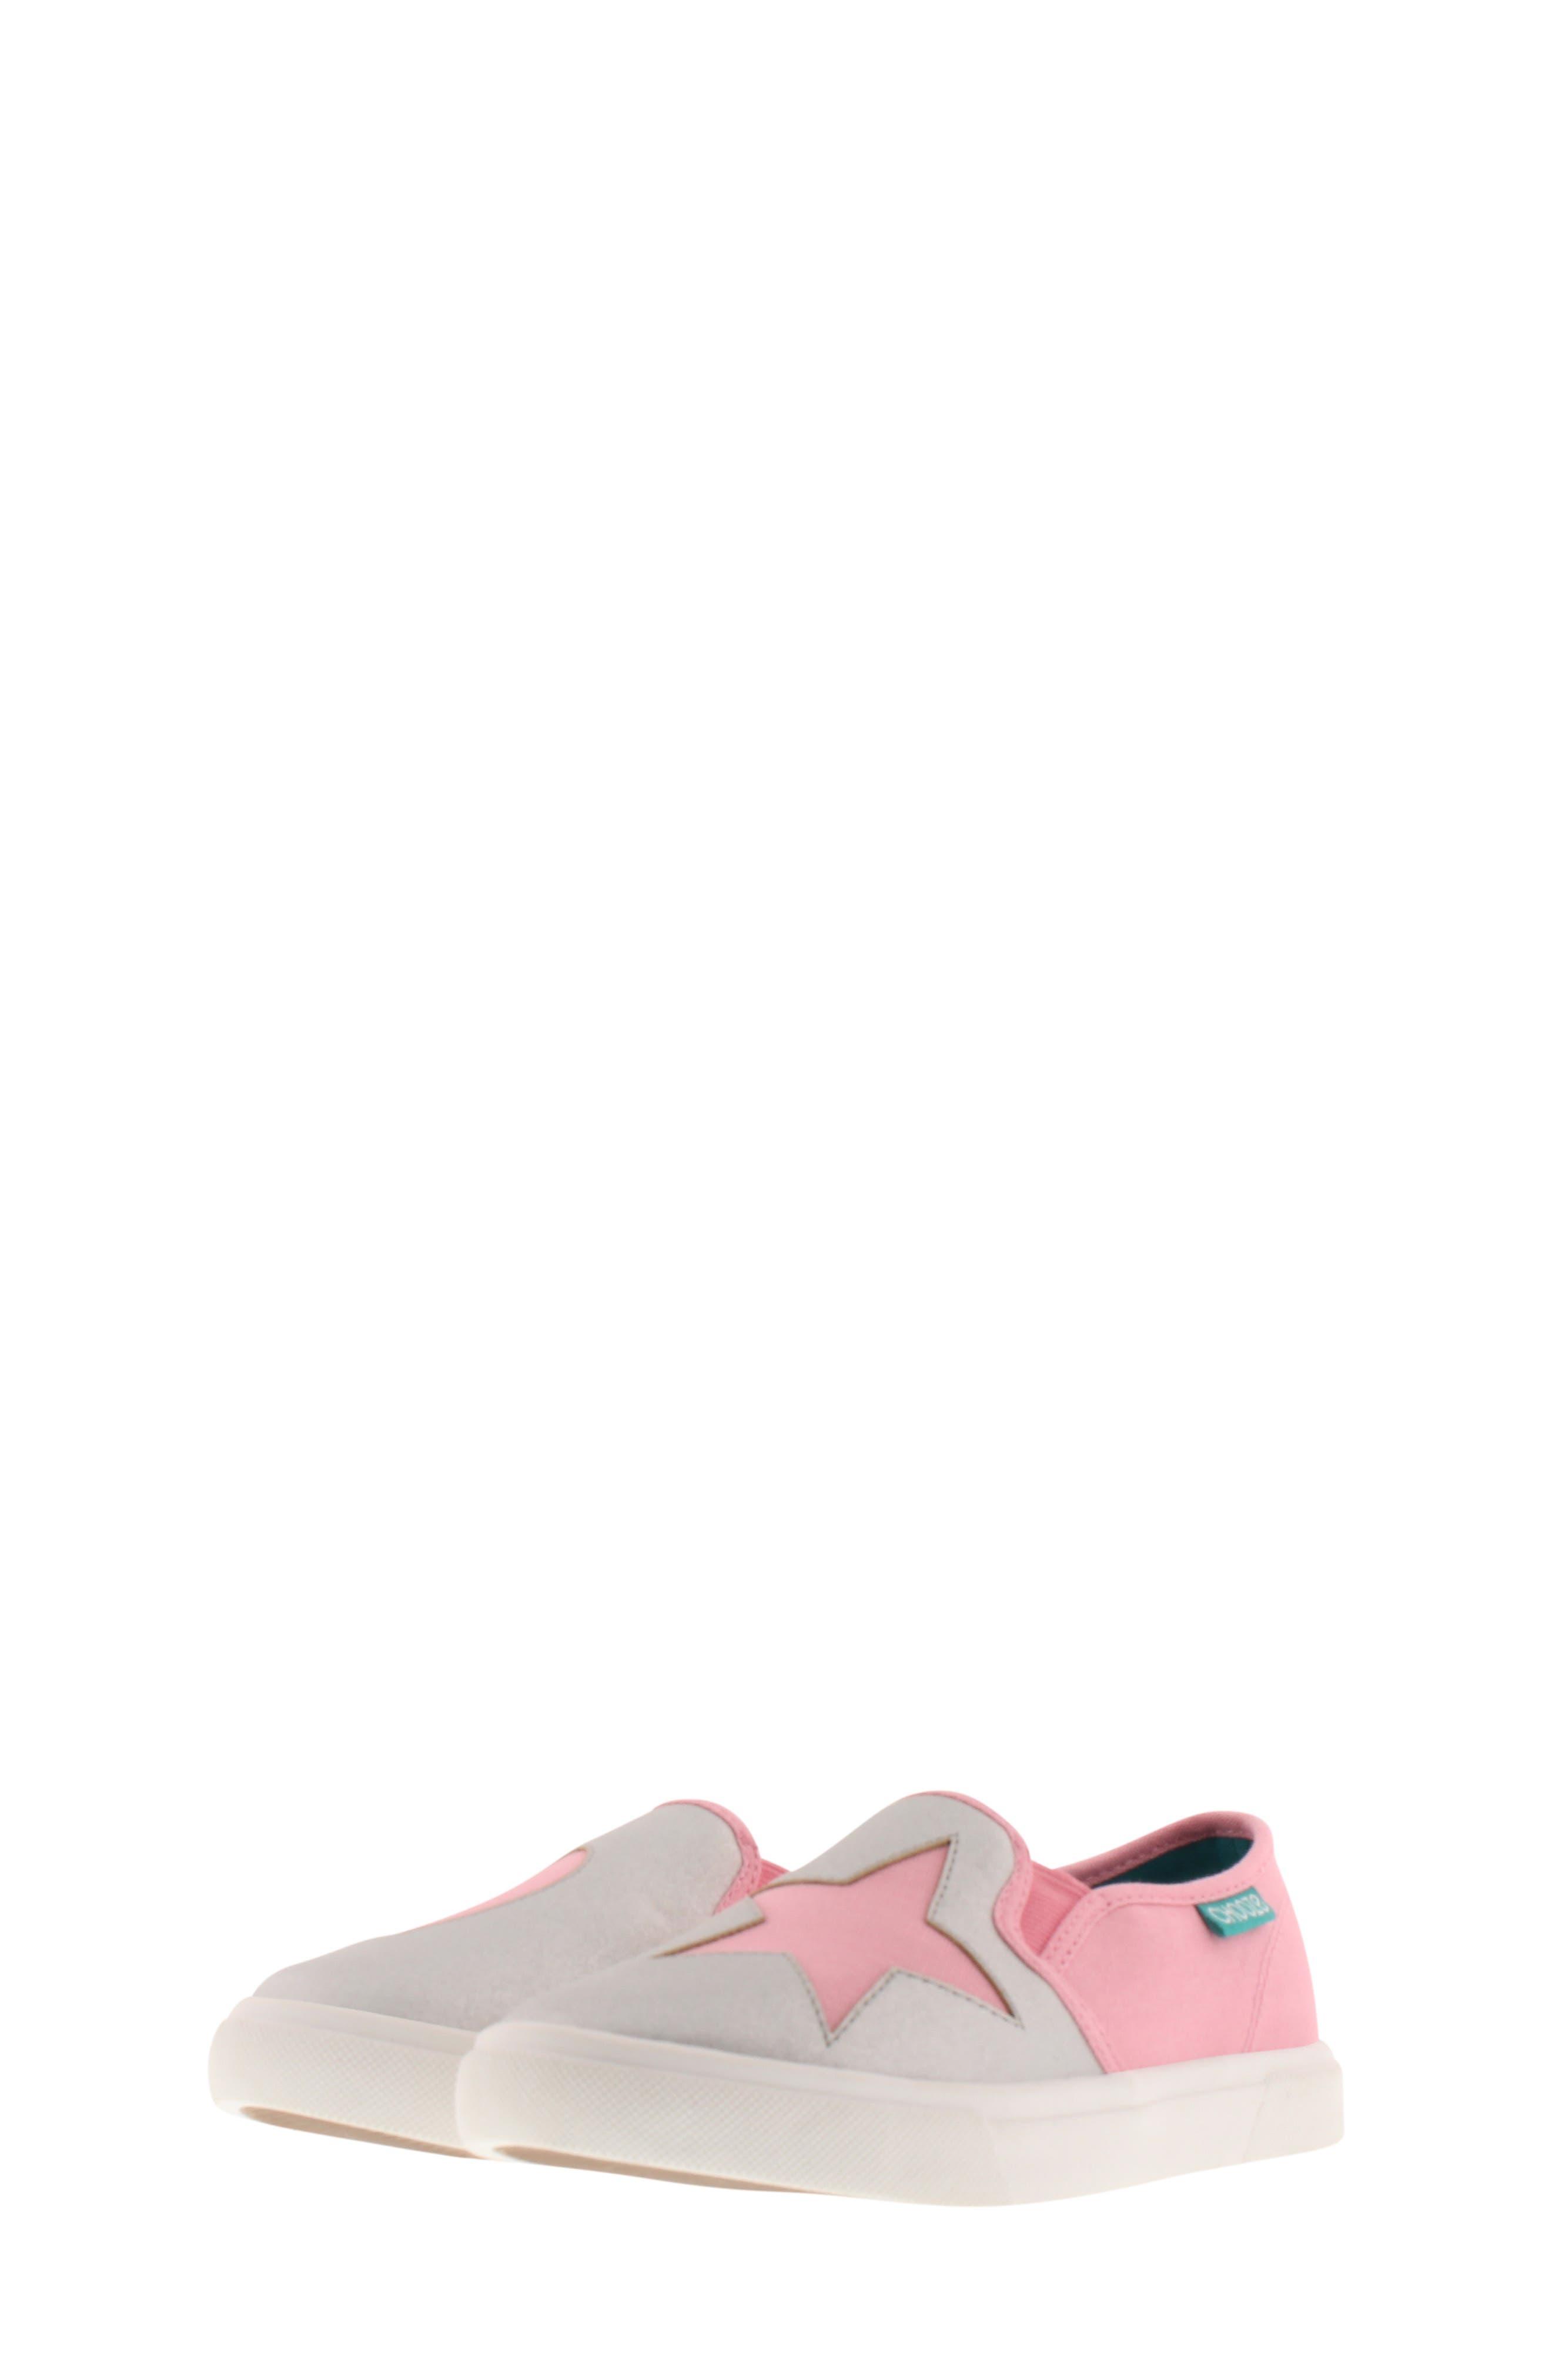 CHOOZE, Little Choice Starheart Slip-On Sneaker, Alternate thumbnail 9, color, SILVER